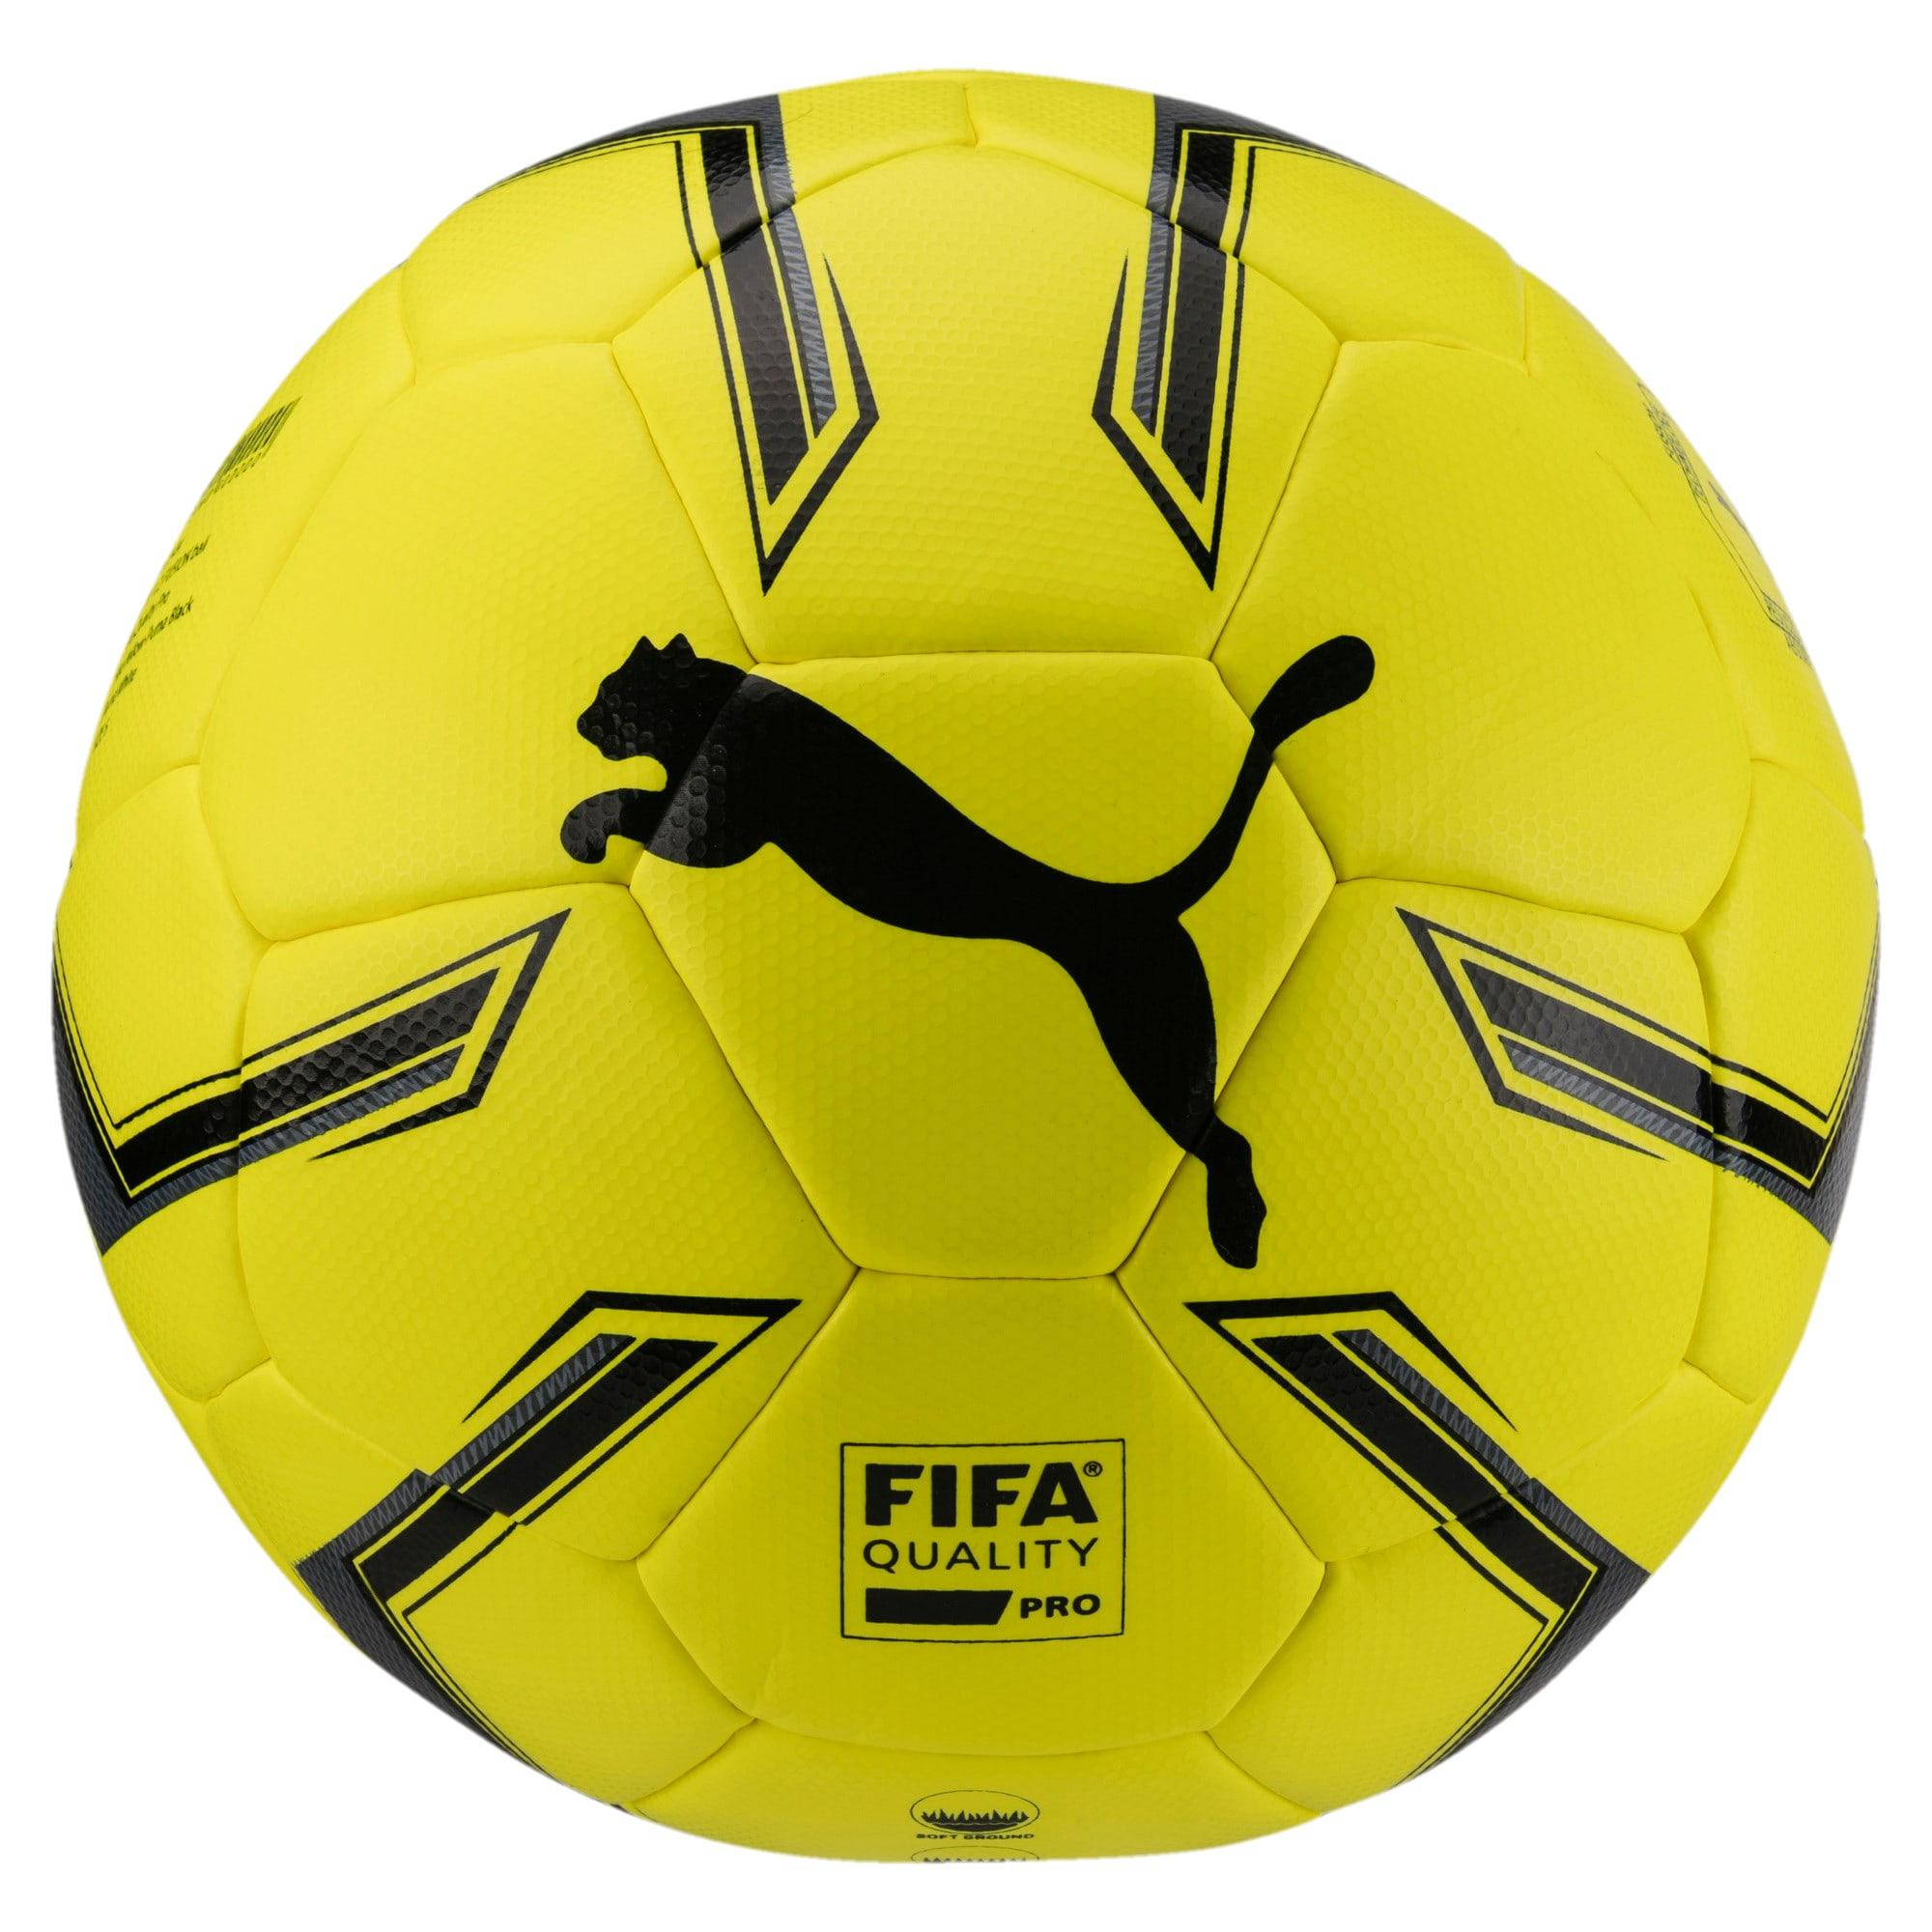 Thumbnail 1 of ELITE 1.2 FUSION Pro Soccer Ball, Fluo Yellow-Black-White, medium